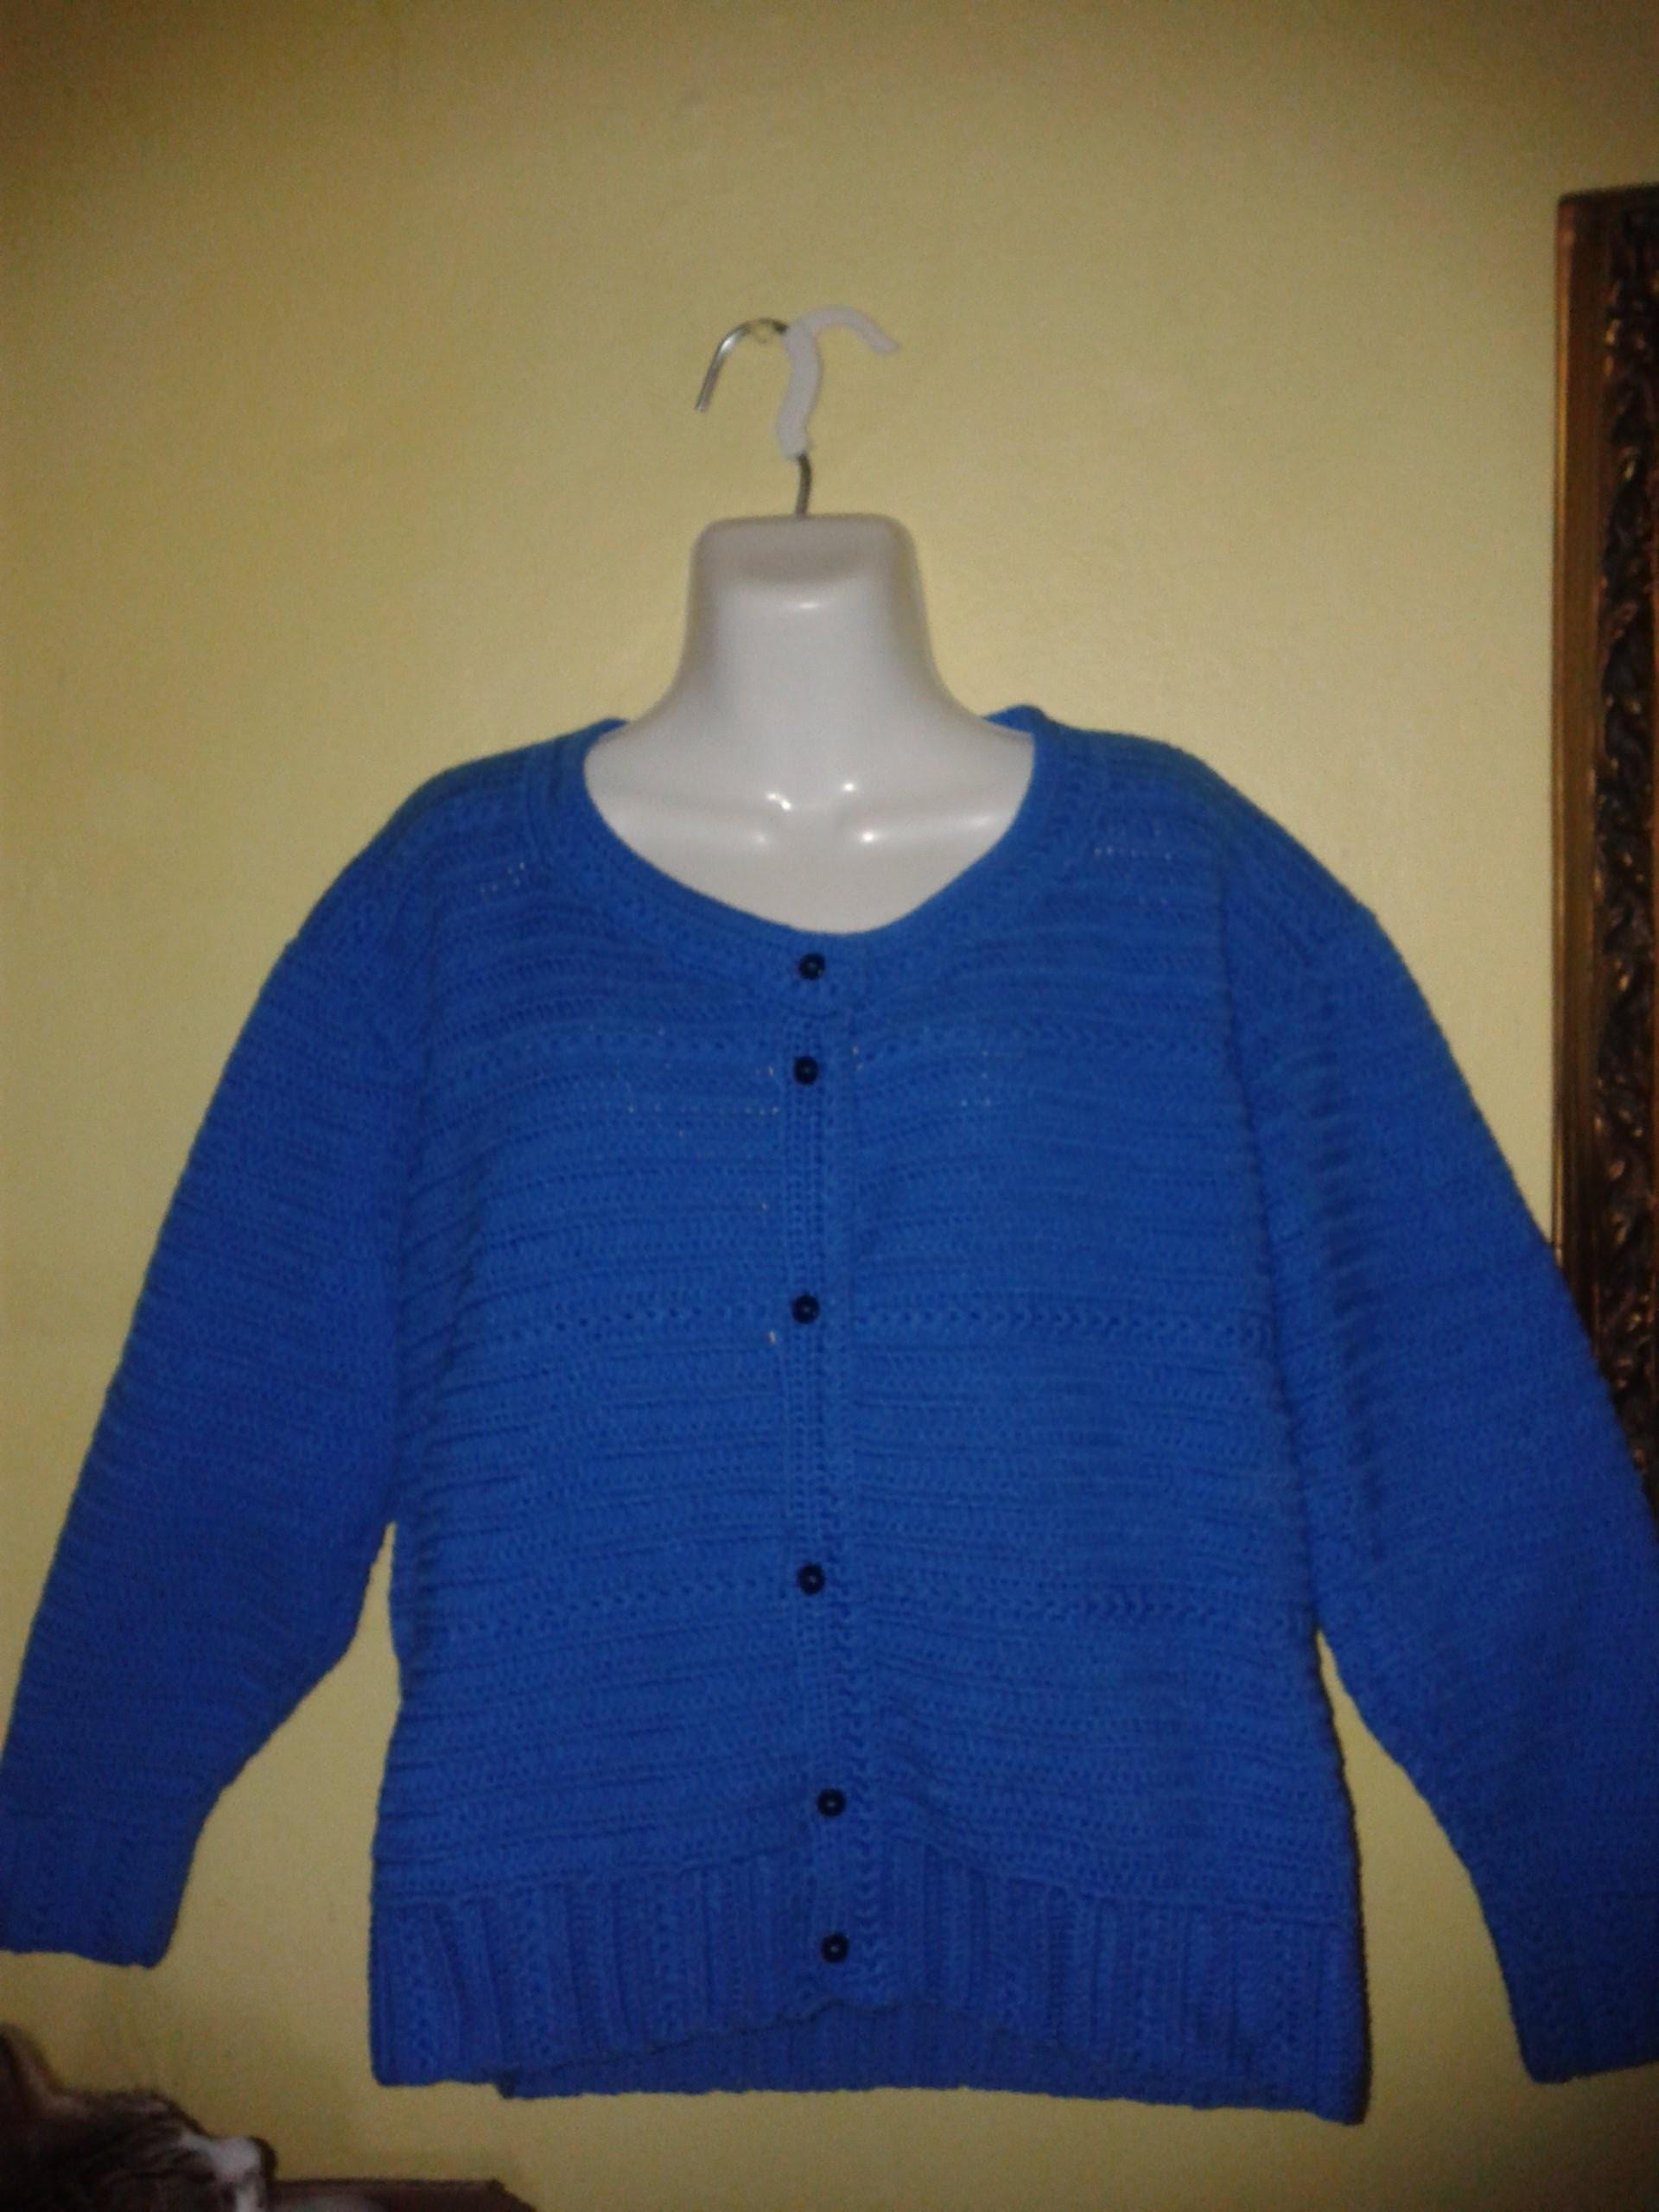 Cómo tejer un suéter para dama a gancho o crochet, 1a. Parte